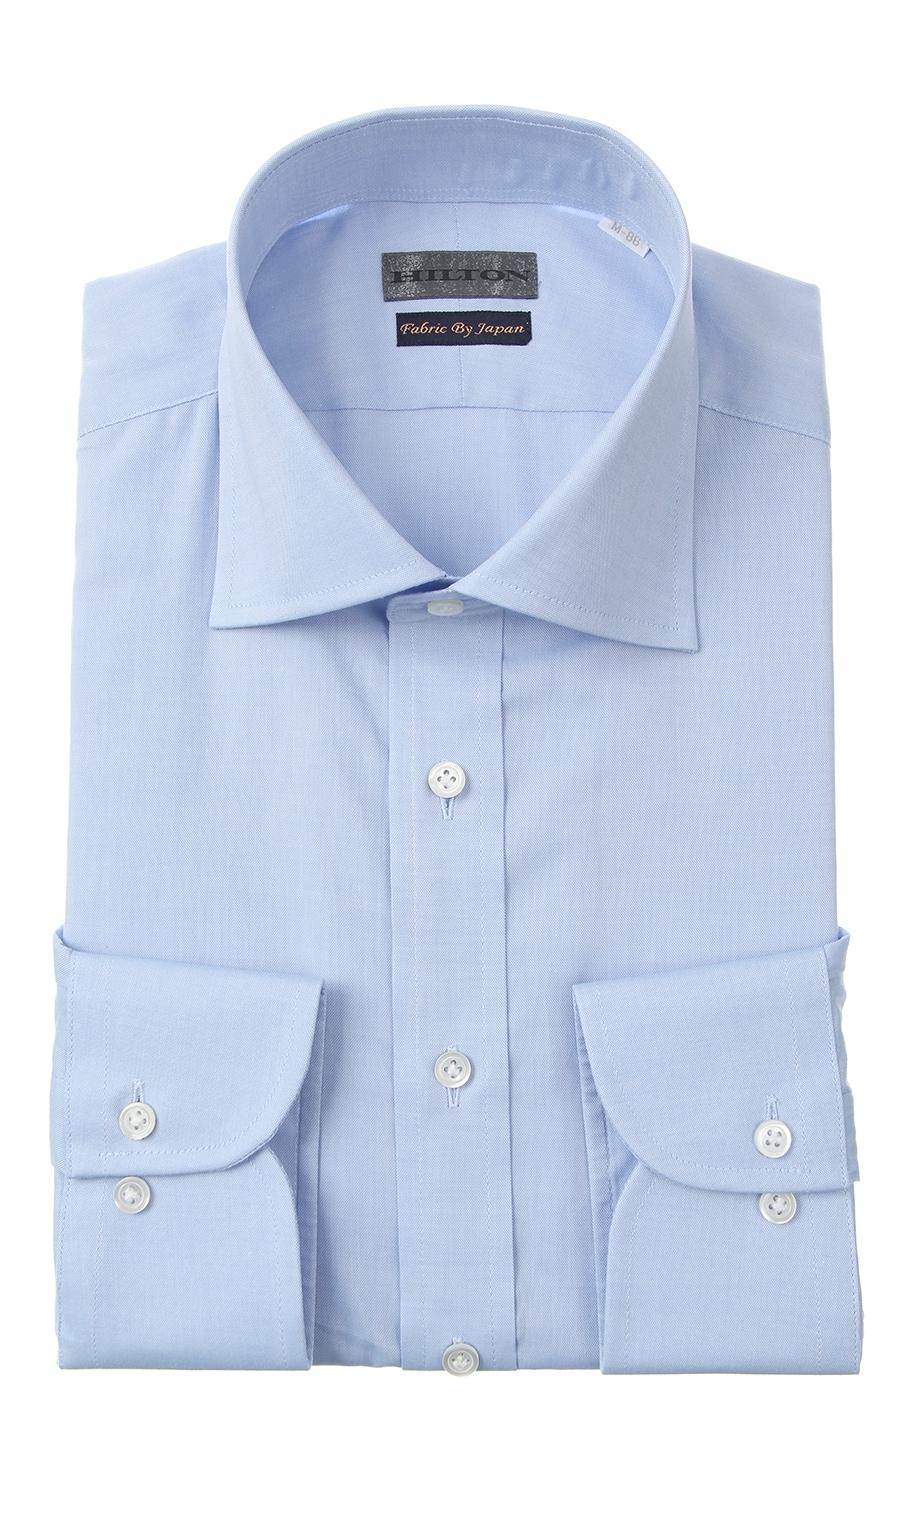 HILTON【戸賀 敬城氏プロデュース】【コットン100%】ワイドカラーワイシャツ/ライトブルー